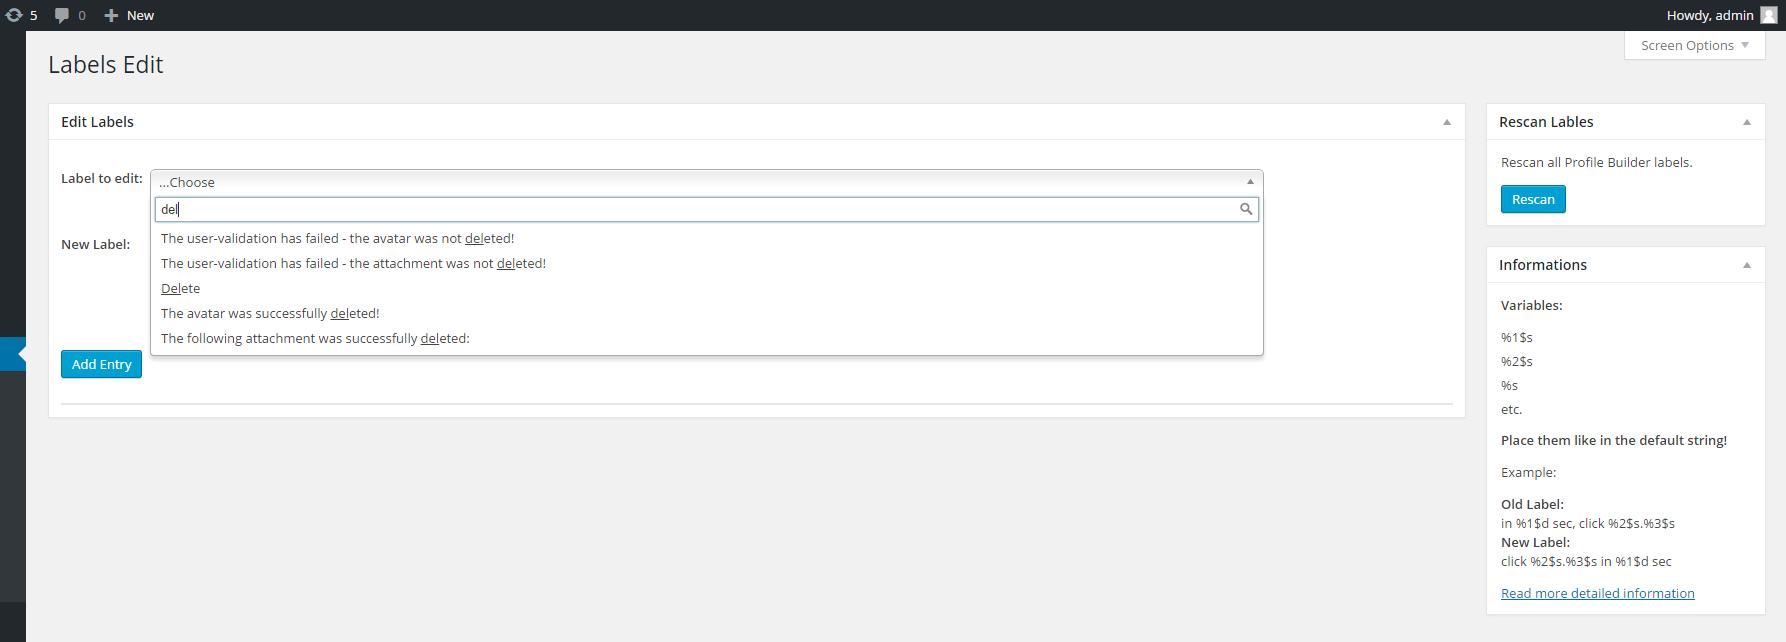 Labels Edit for Profile Builder - Cozmoslabs